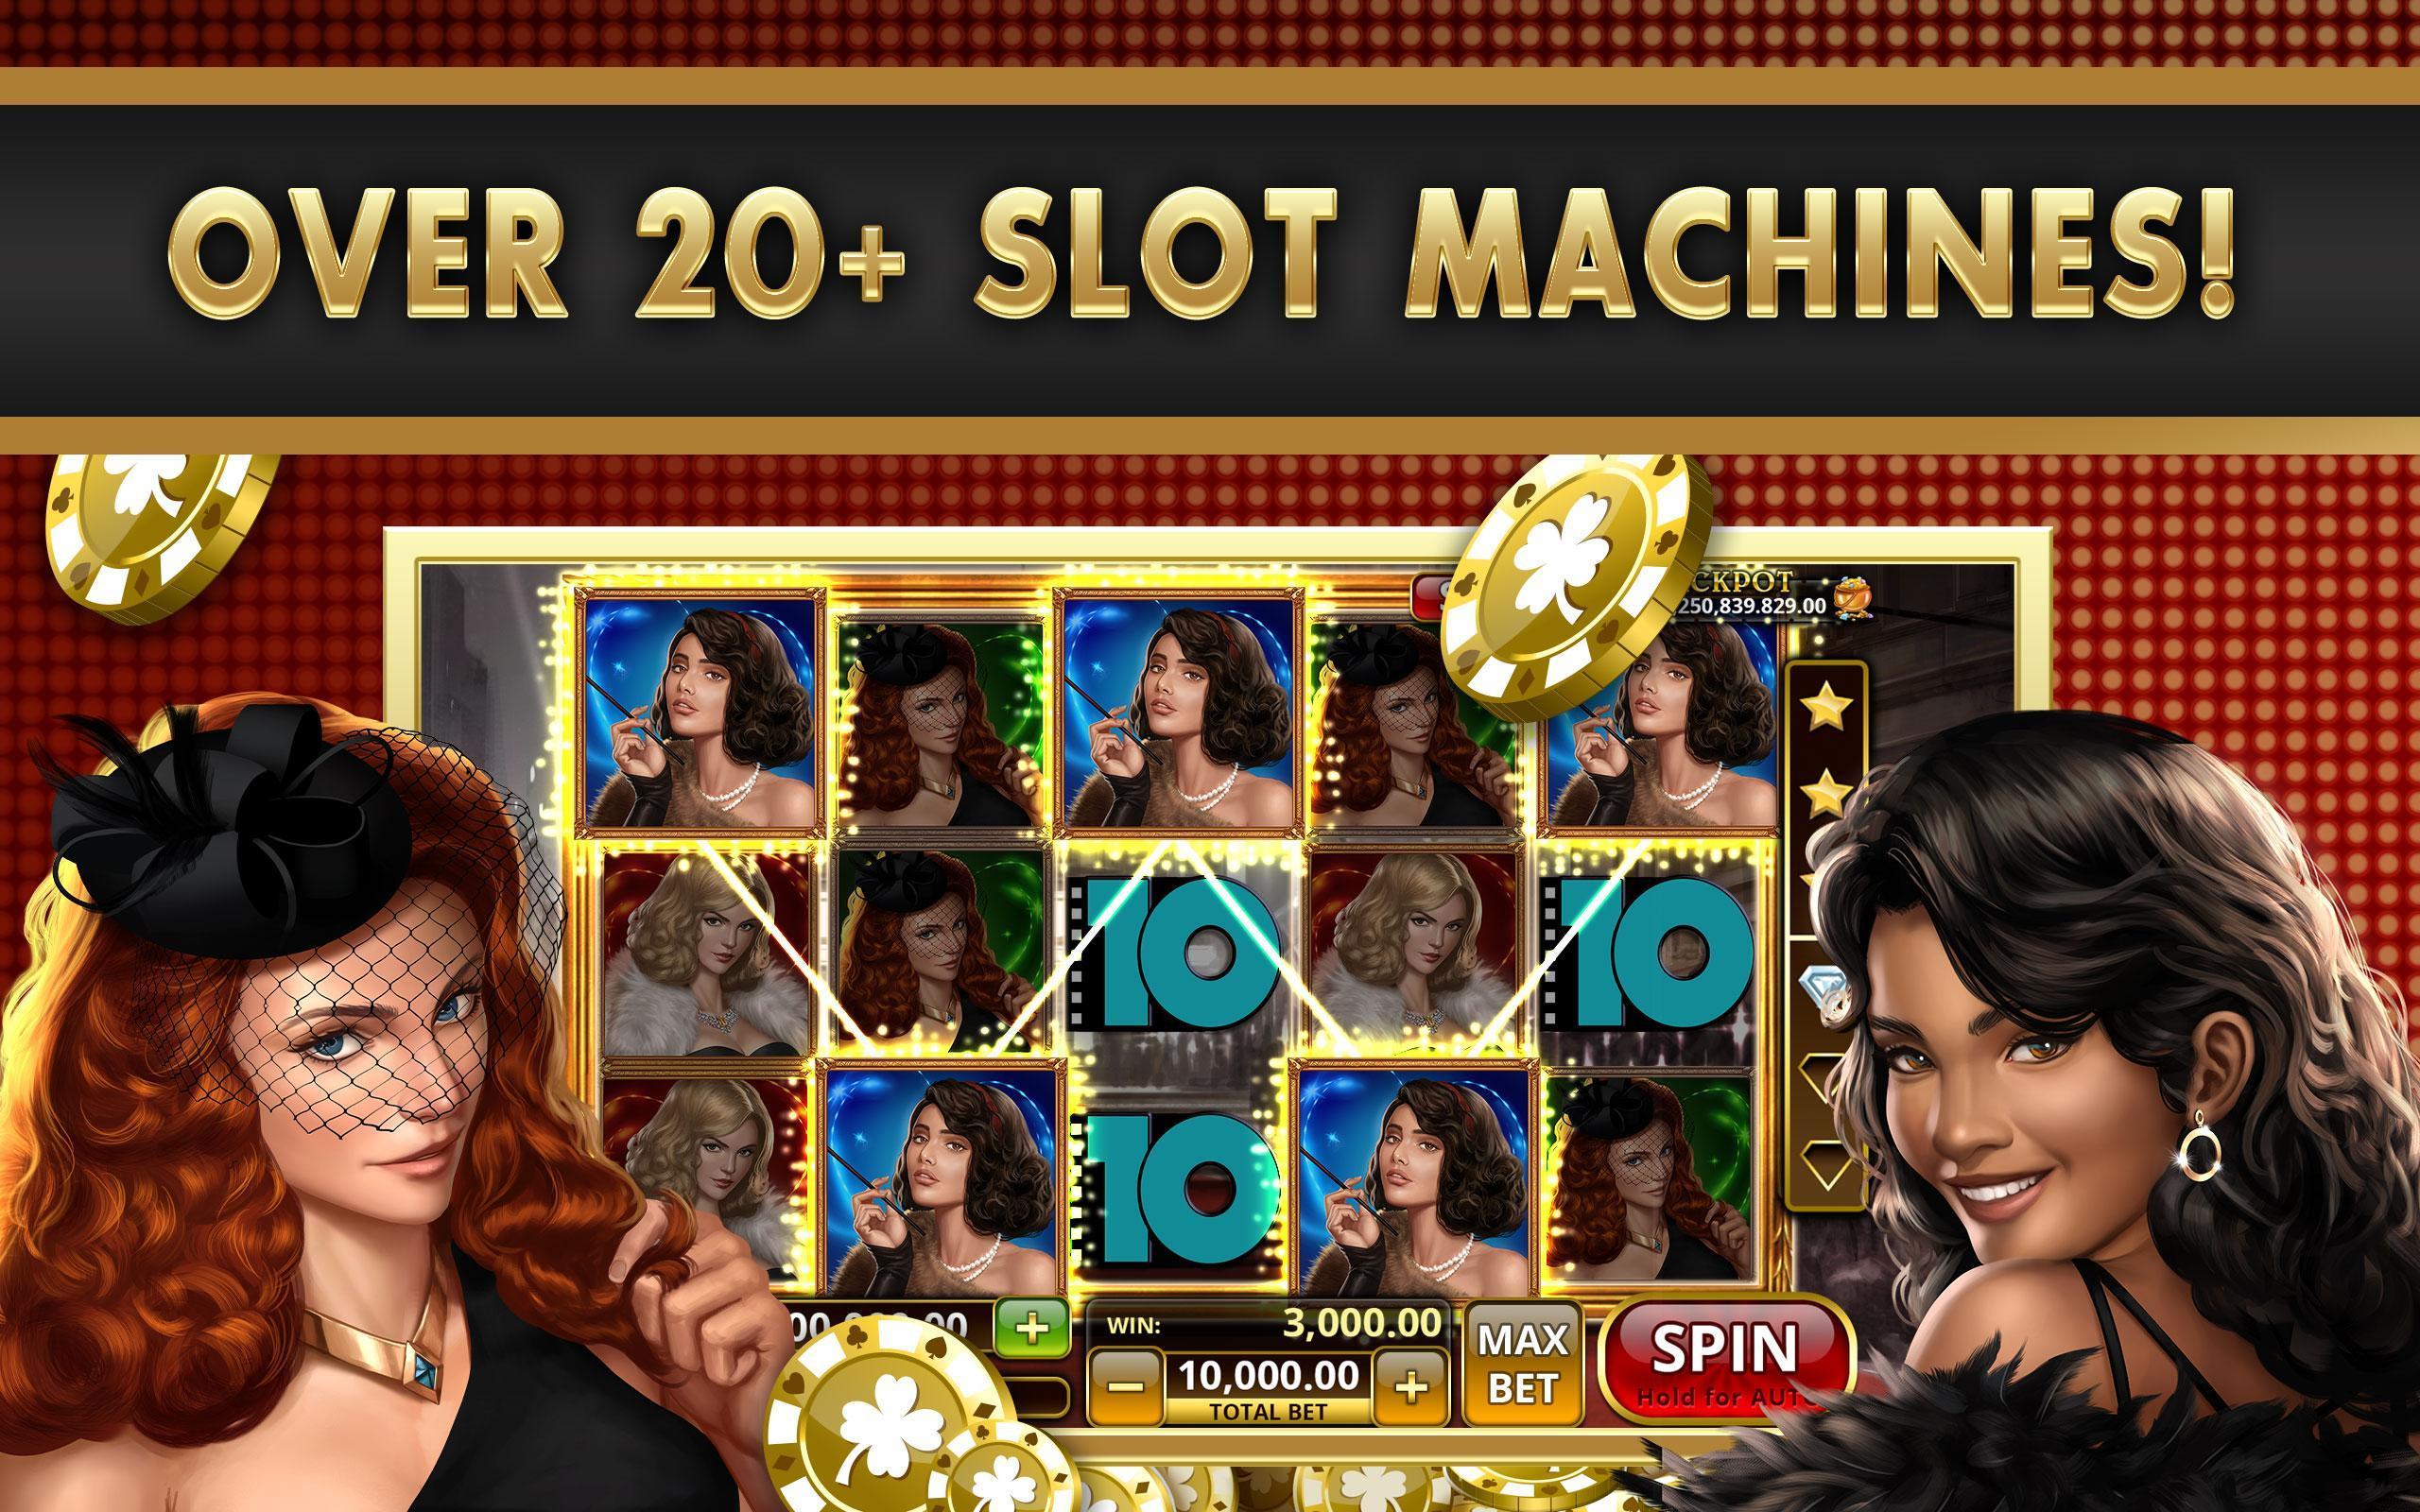 Скачать бесплатно игровые автоматы на андроид игры для взрослых казино играть